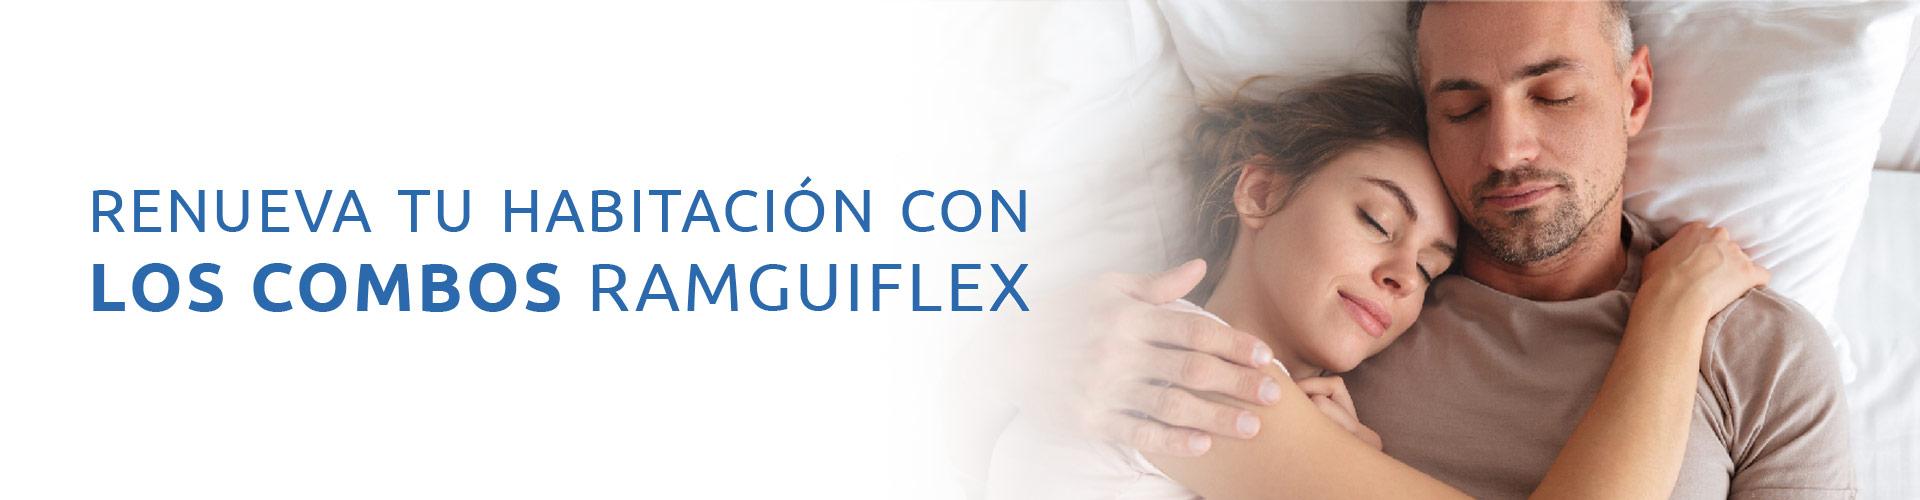 Promoción en Combos Ramguiflex: Colchones, Almohadas y Base Camas con la Mejor Calidad y el Mejor Precio del Mercado